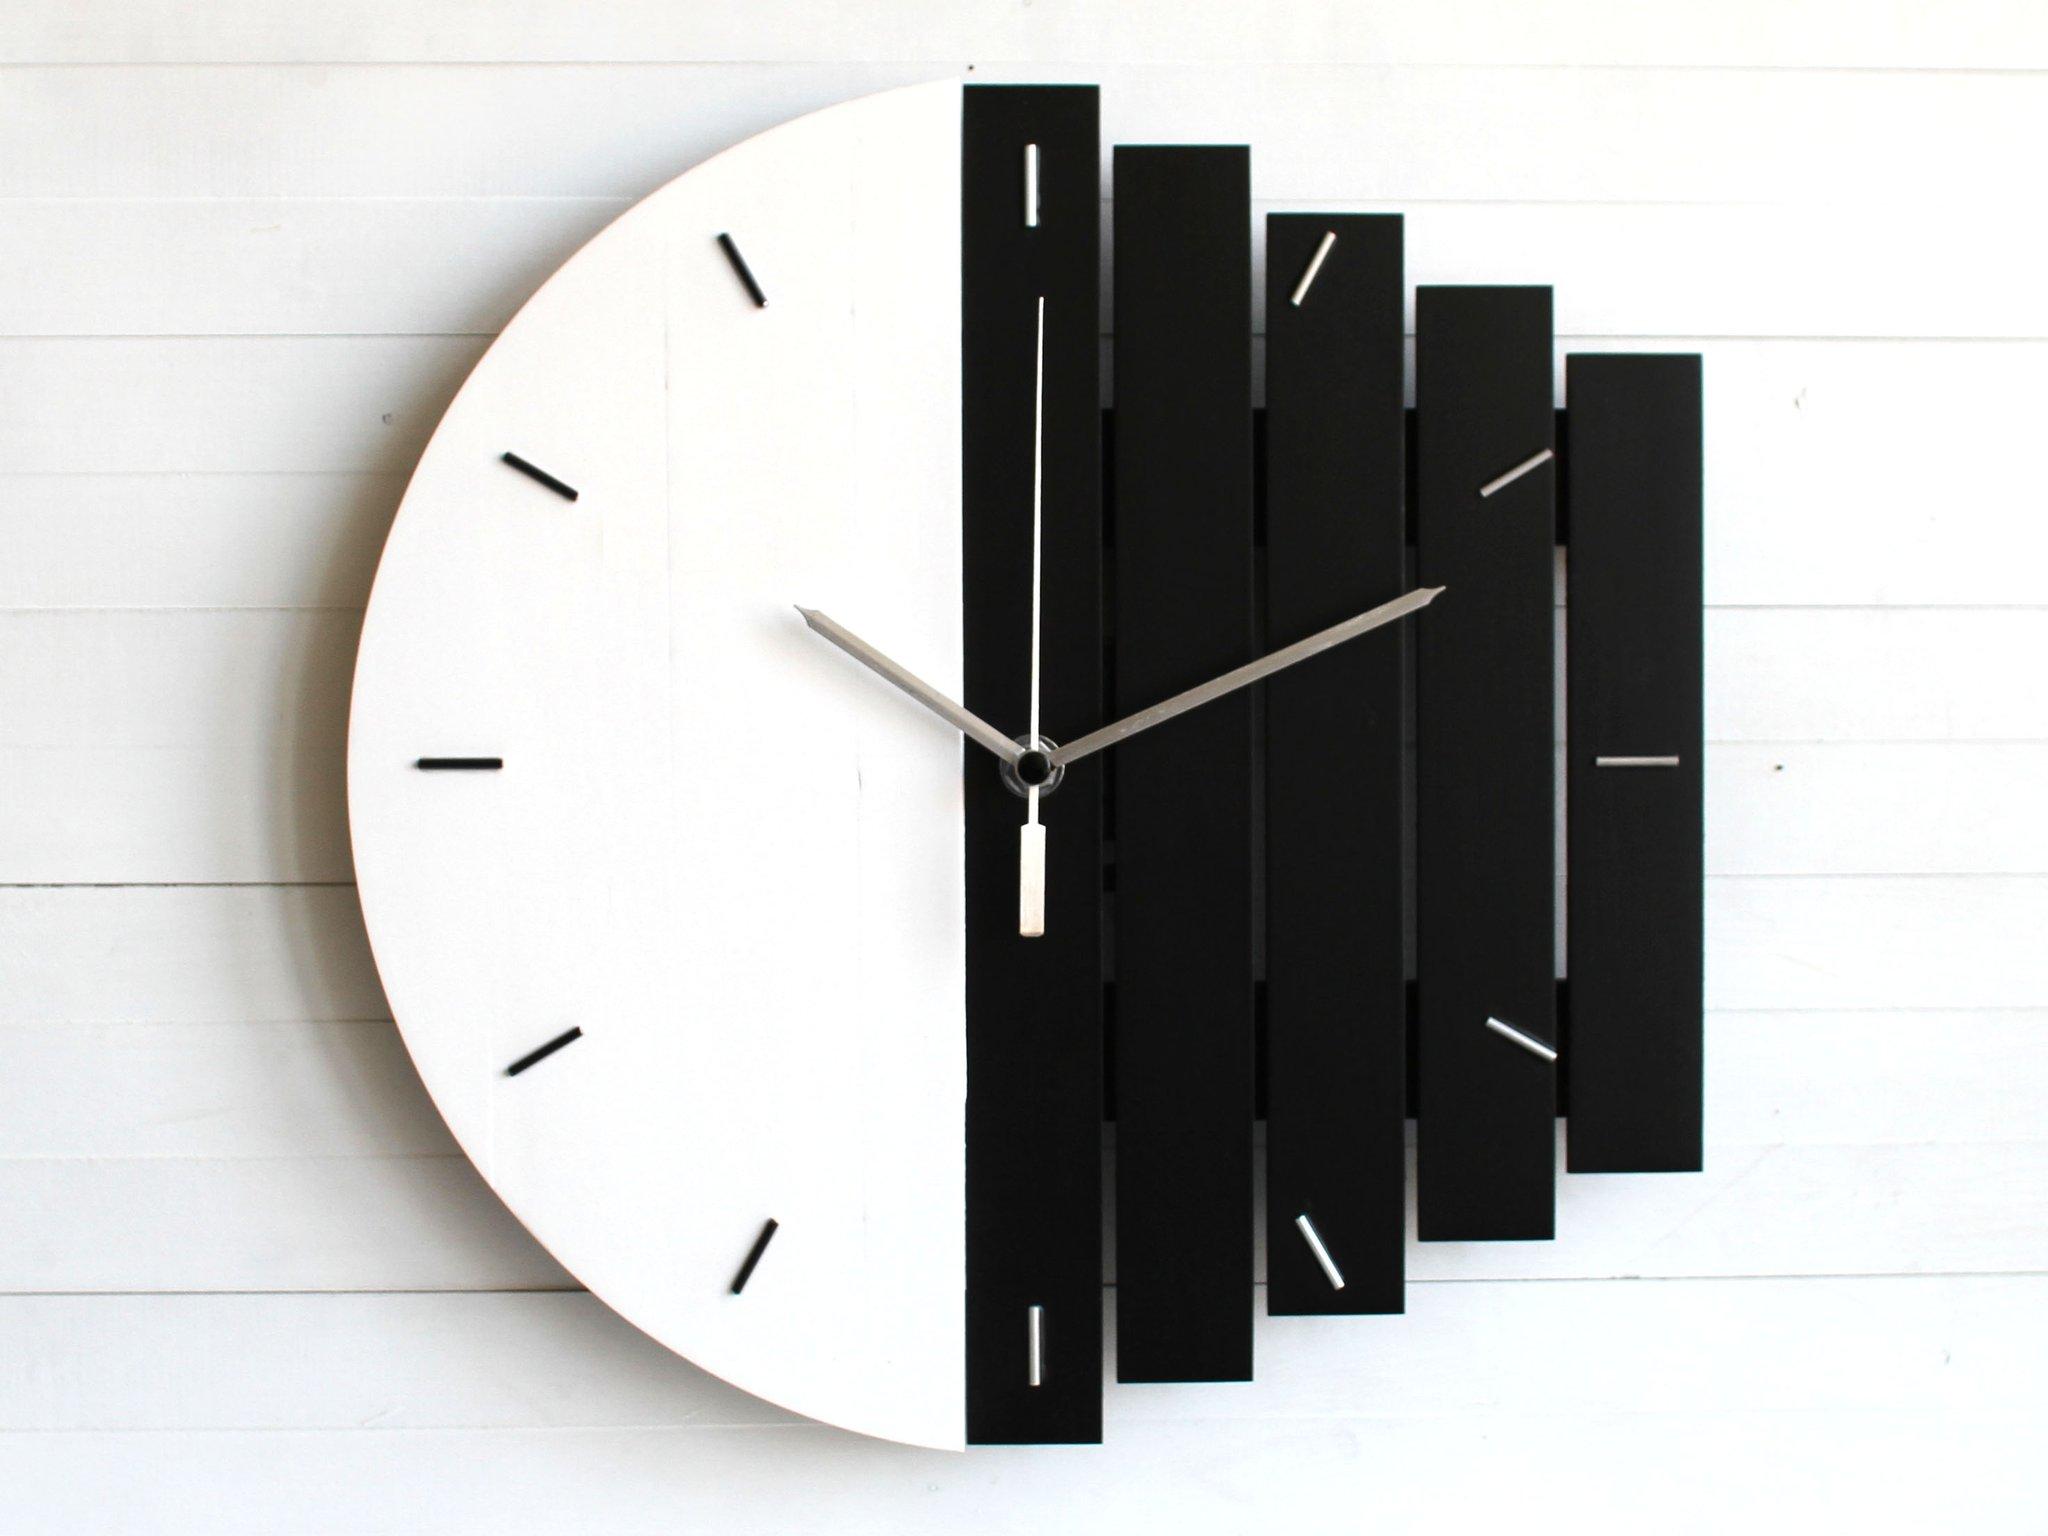 انتخاب مناسب در خرید ساعت دیواری